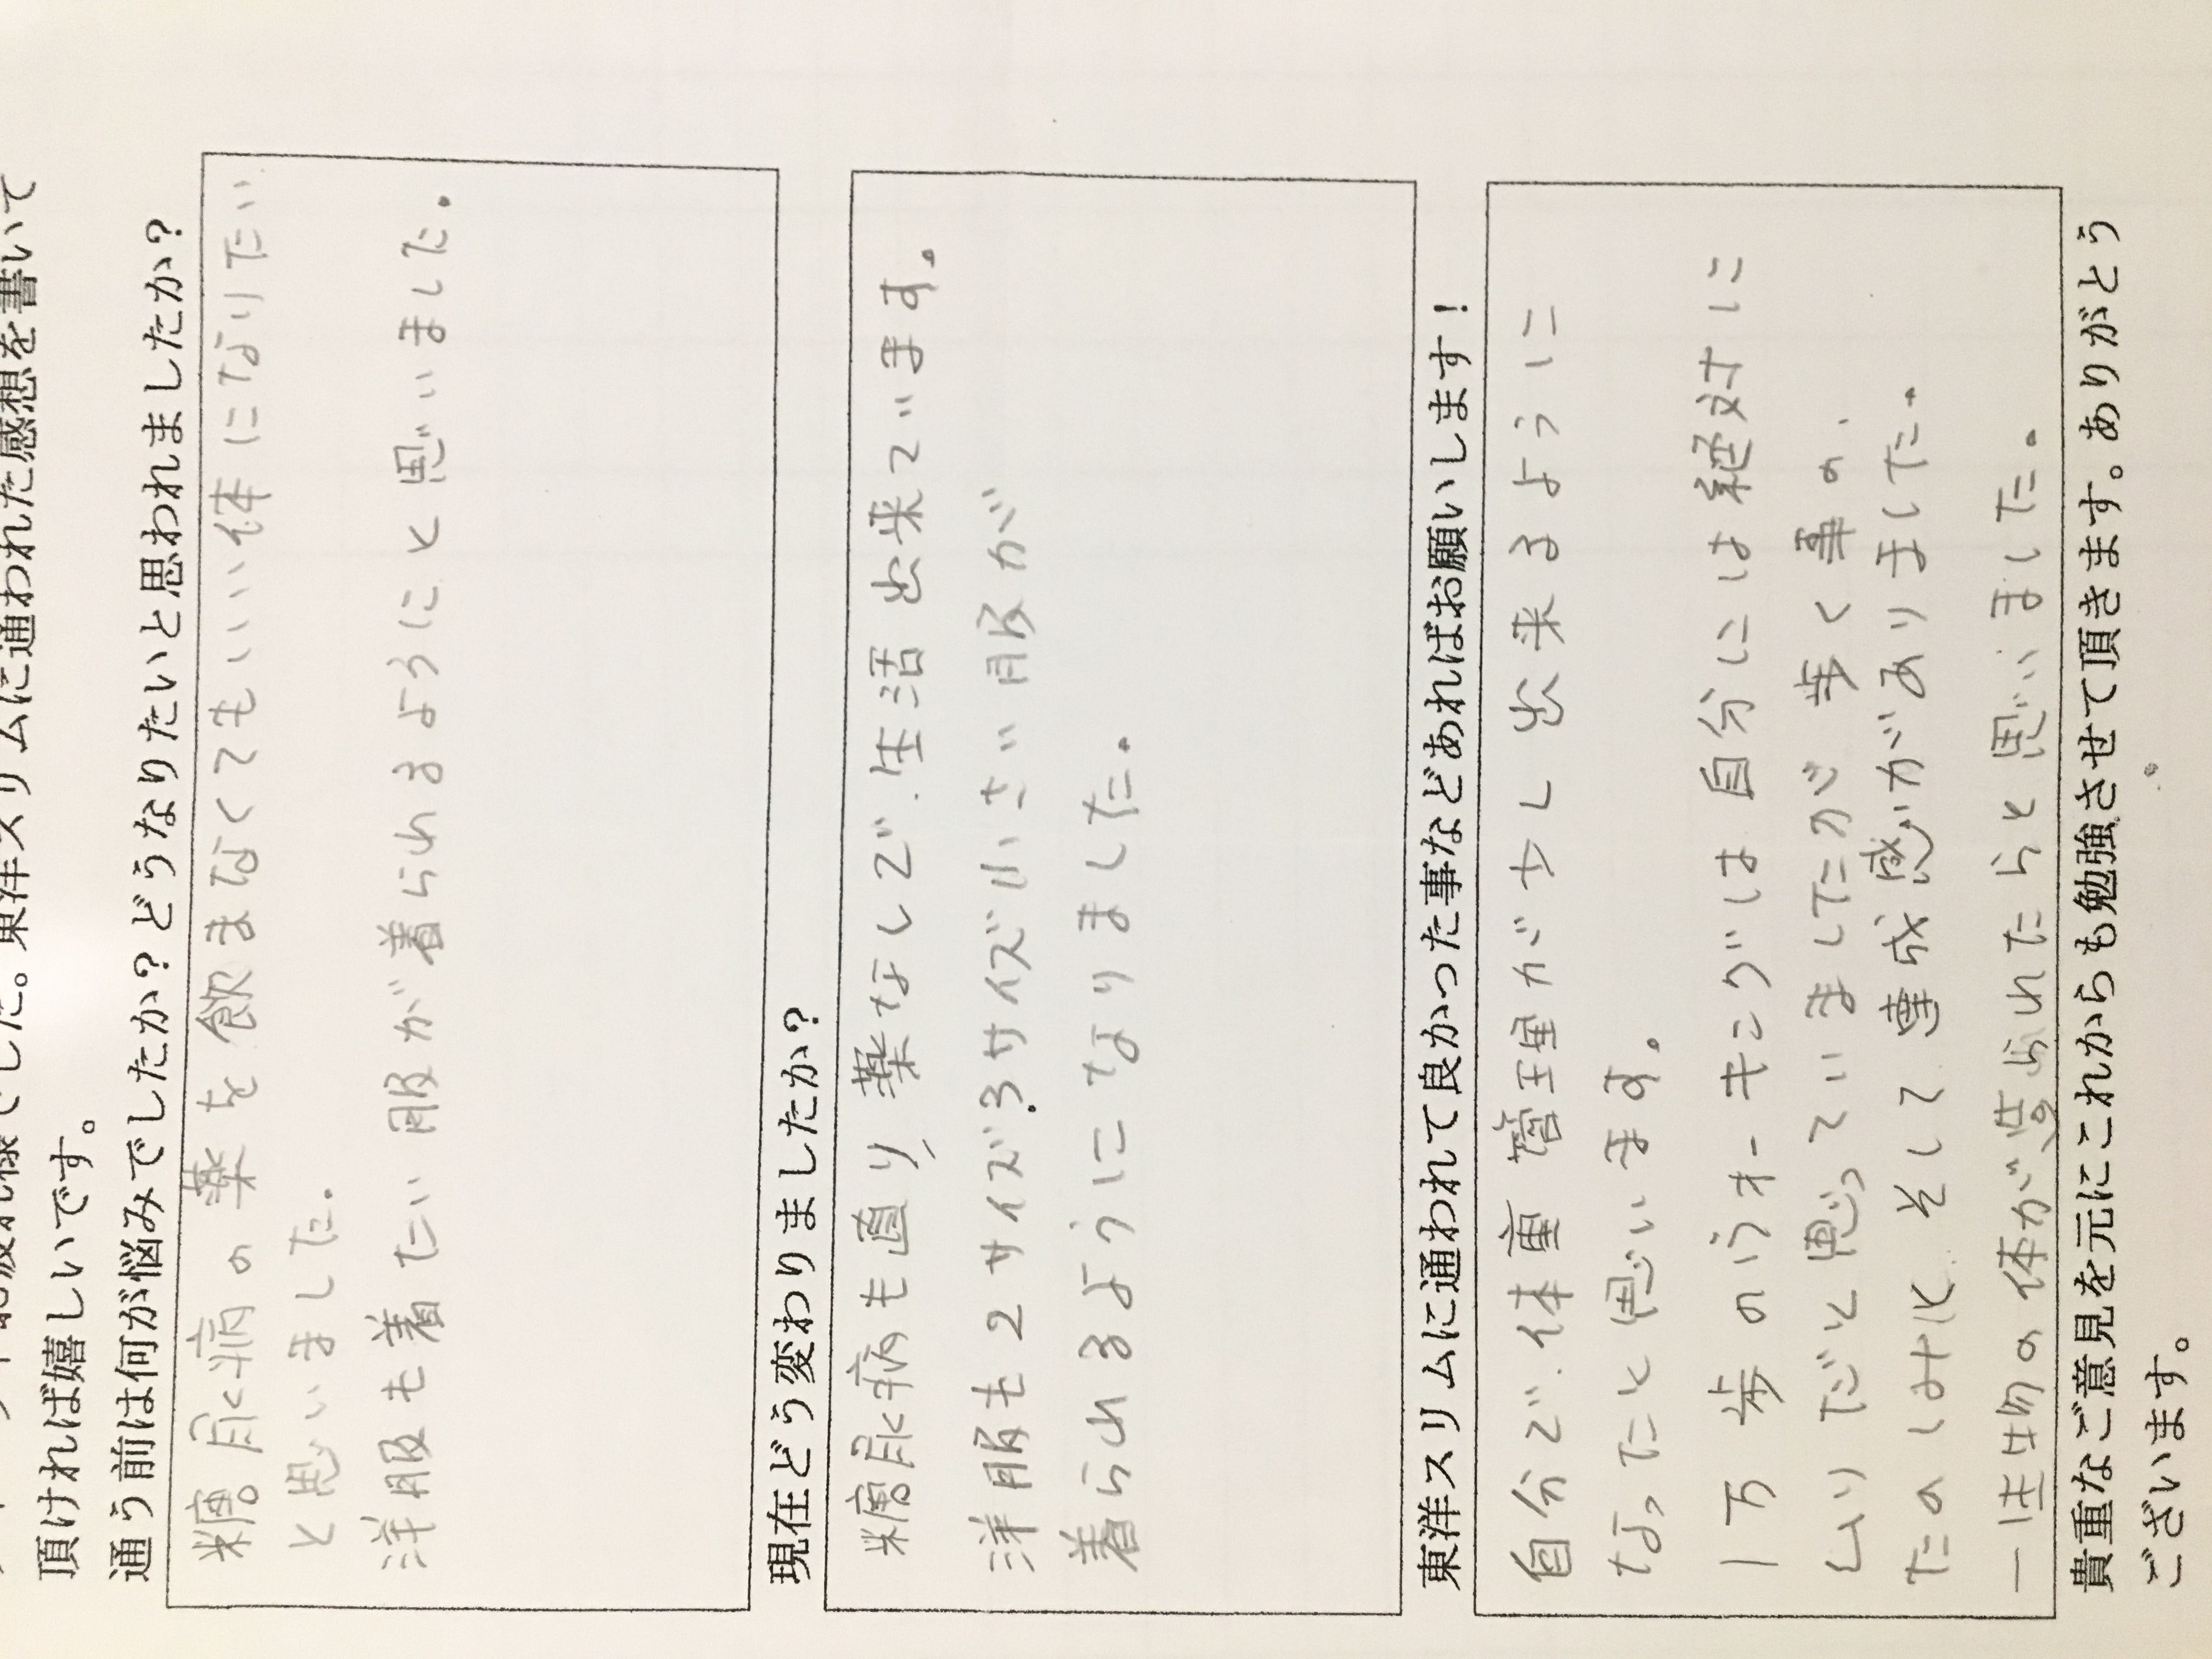 [皆様の声]大阪府羽曳野市Mさん(60代)耳つぼダイエット-15kg成功糖尿病、高血圧が改善